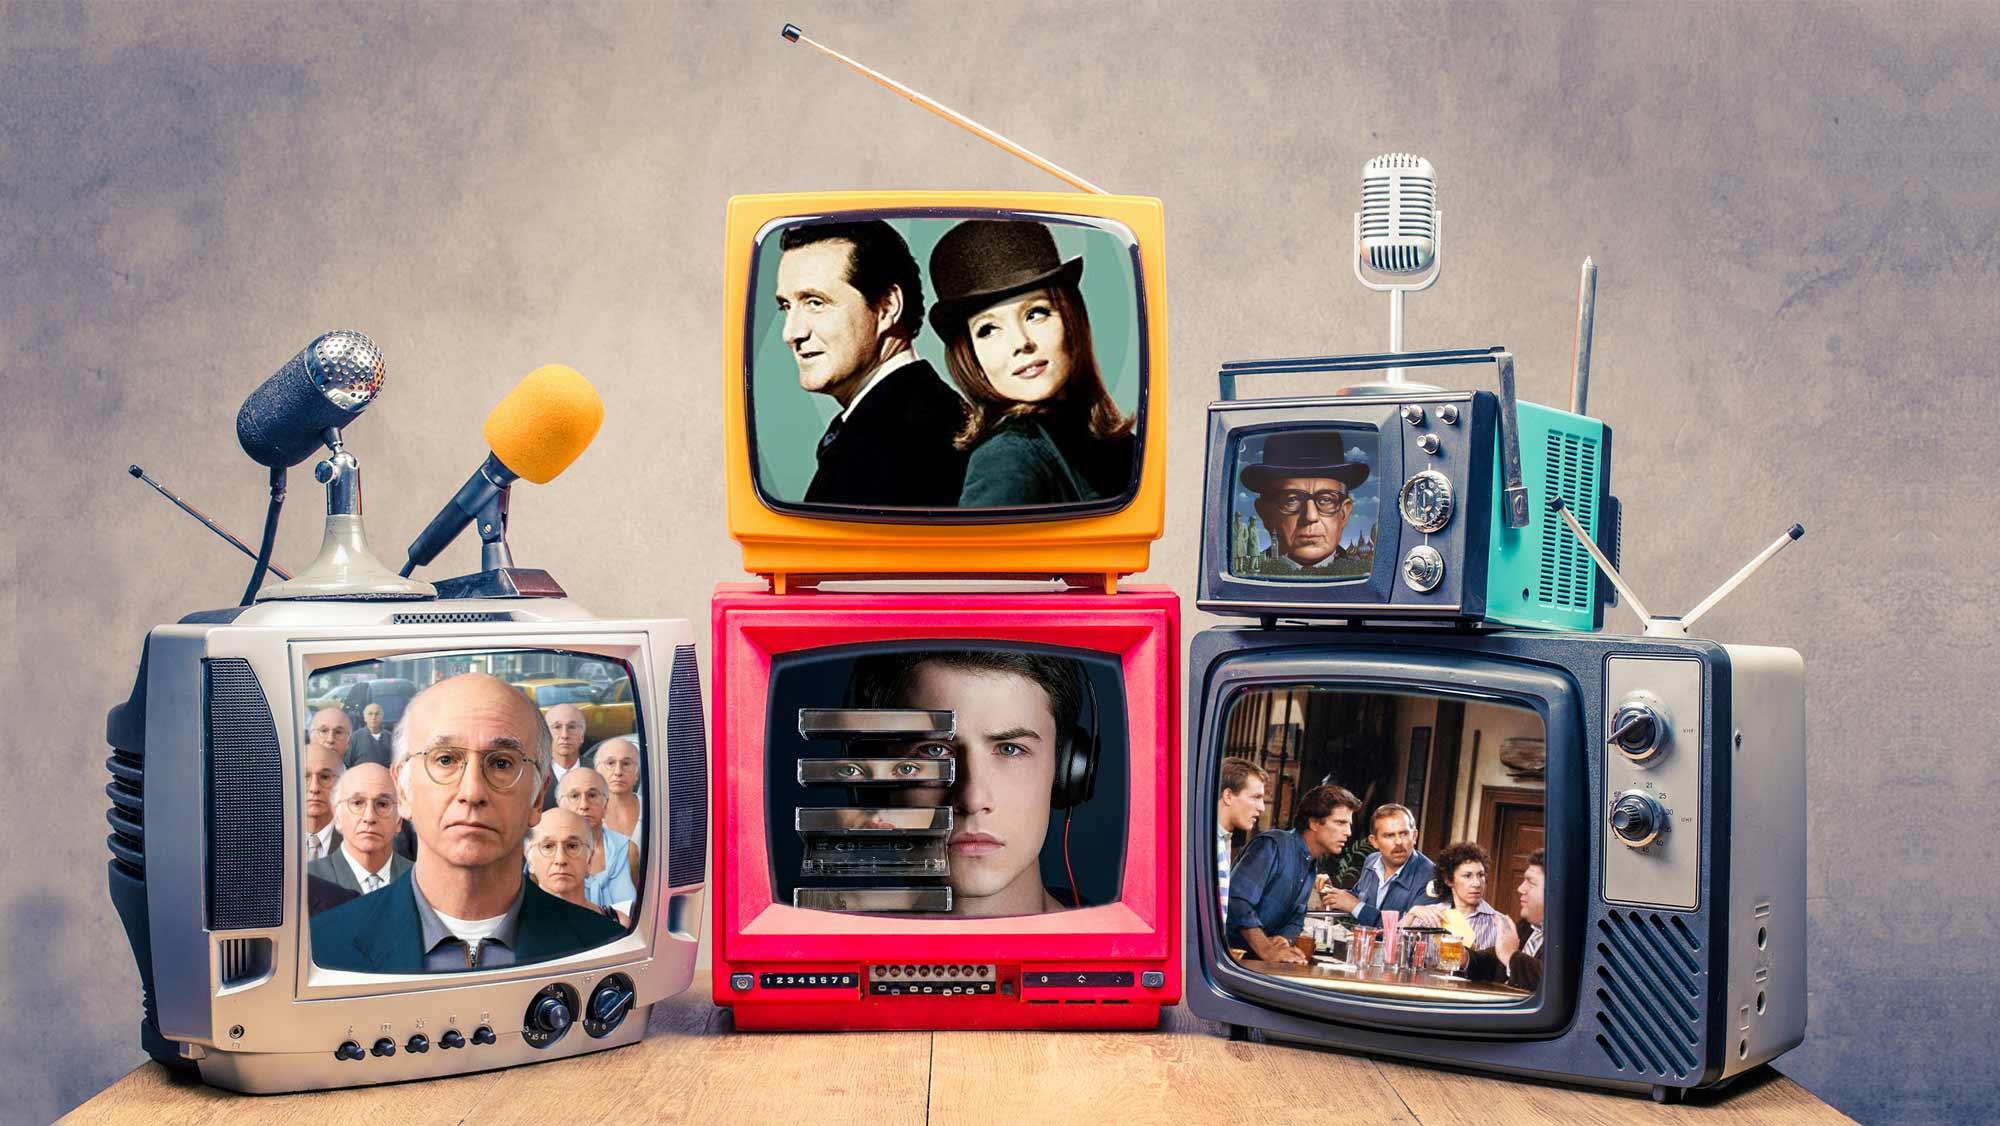 AWFUL-5-deutsche-serientitel AWFUL 5: Serien, die in Deutschland anders heißen als im Original